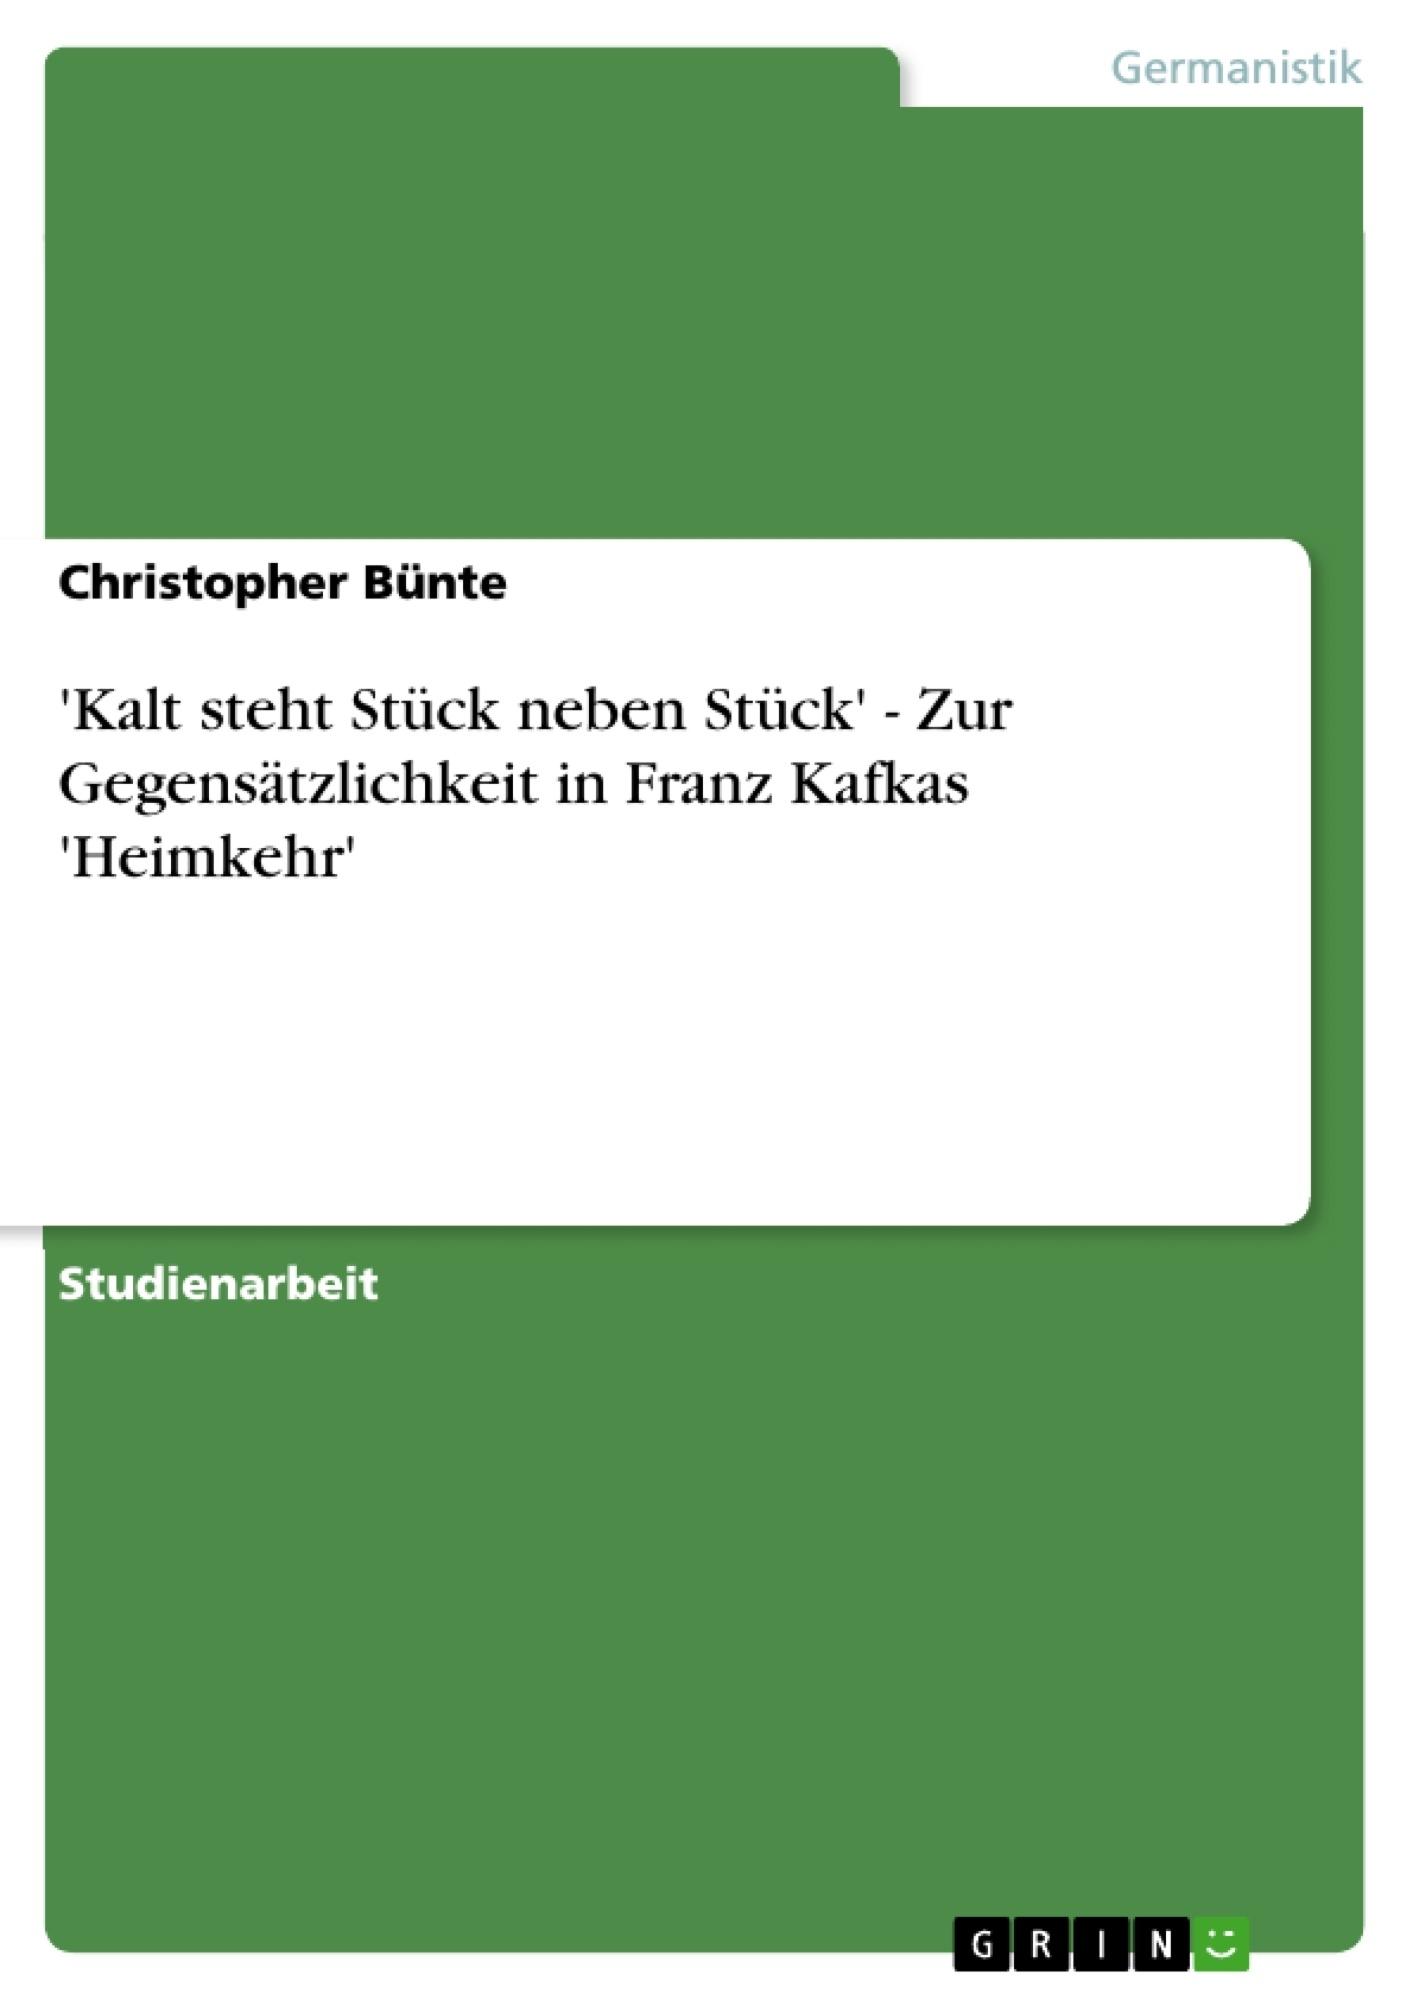 Titel: 'Kalt steht Stück neben Stück' - Zur Gegensätzlichkeit in Franz Kafkas 'Heimkehr'